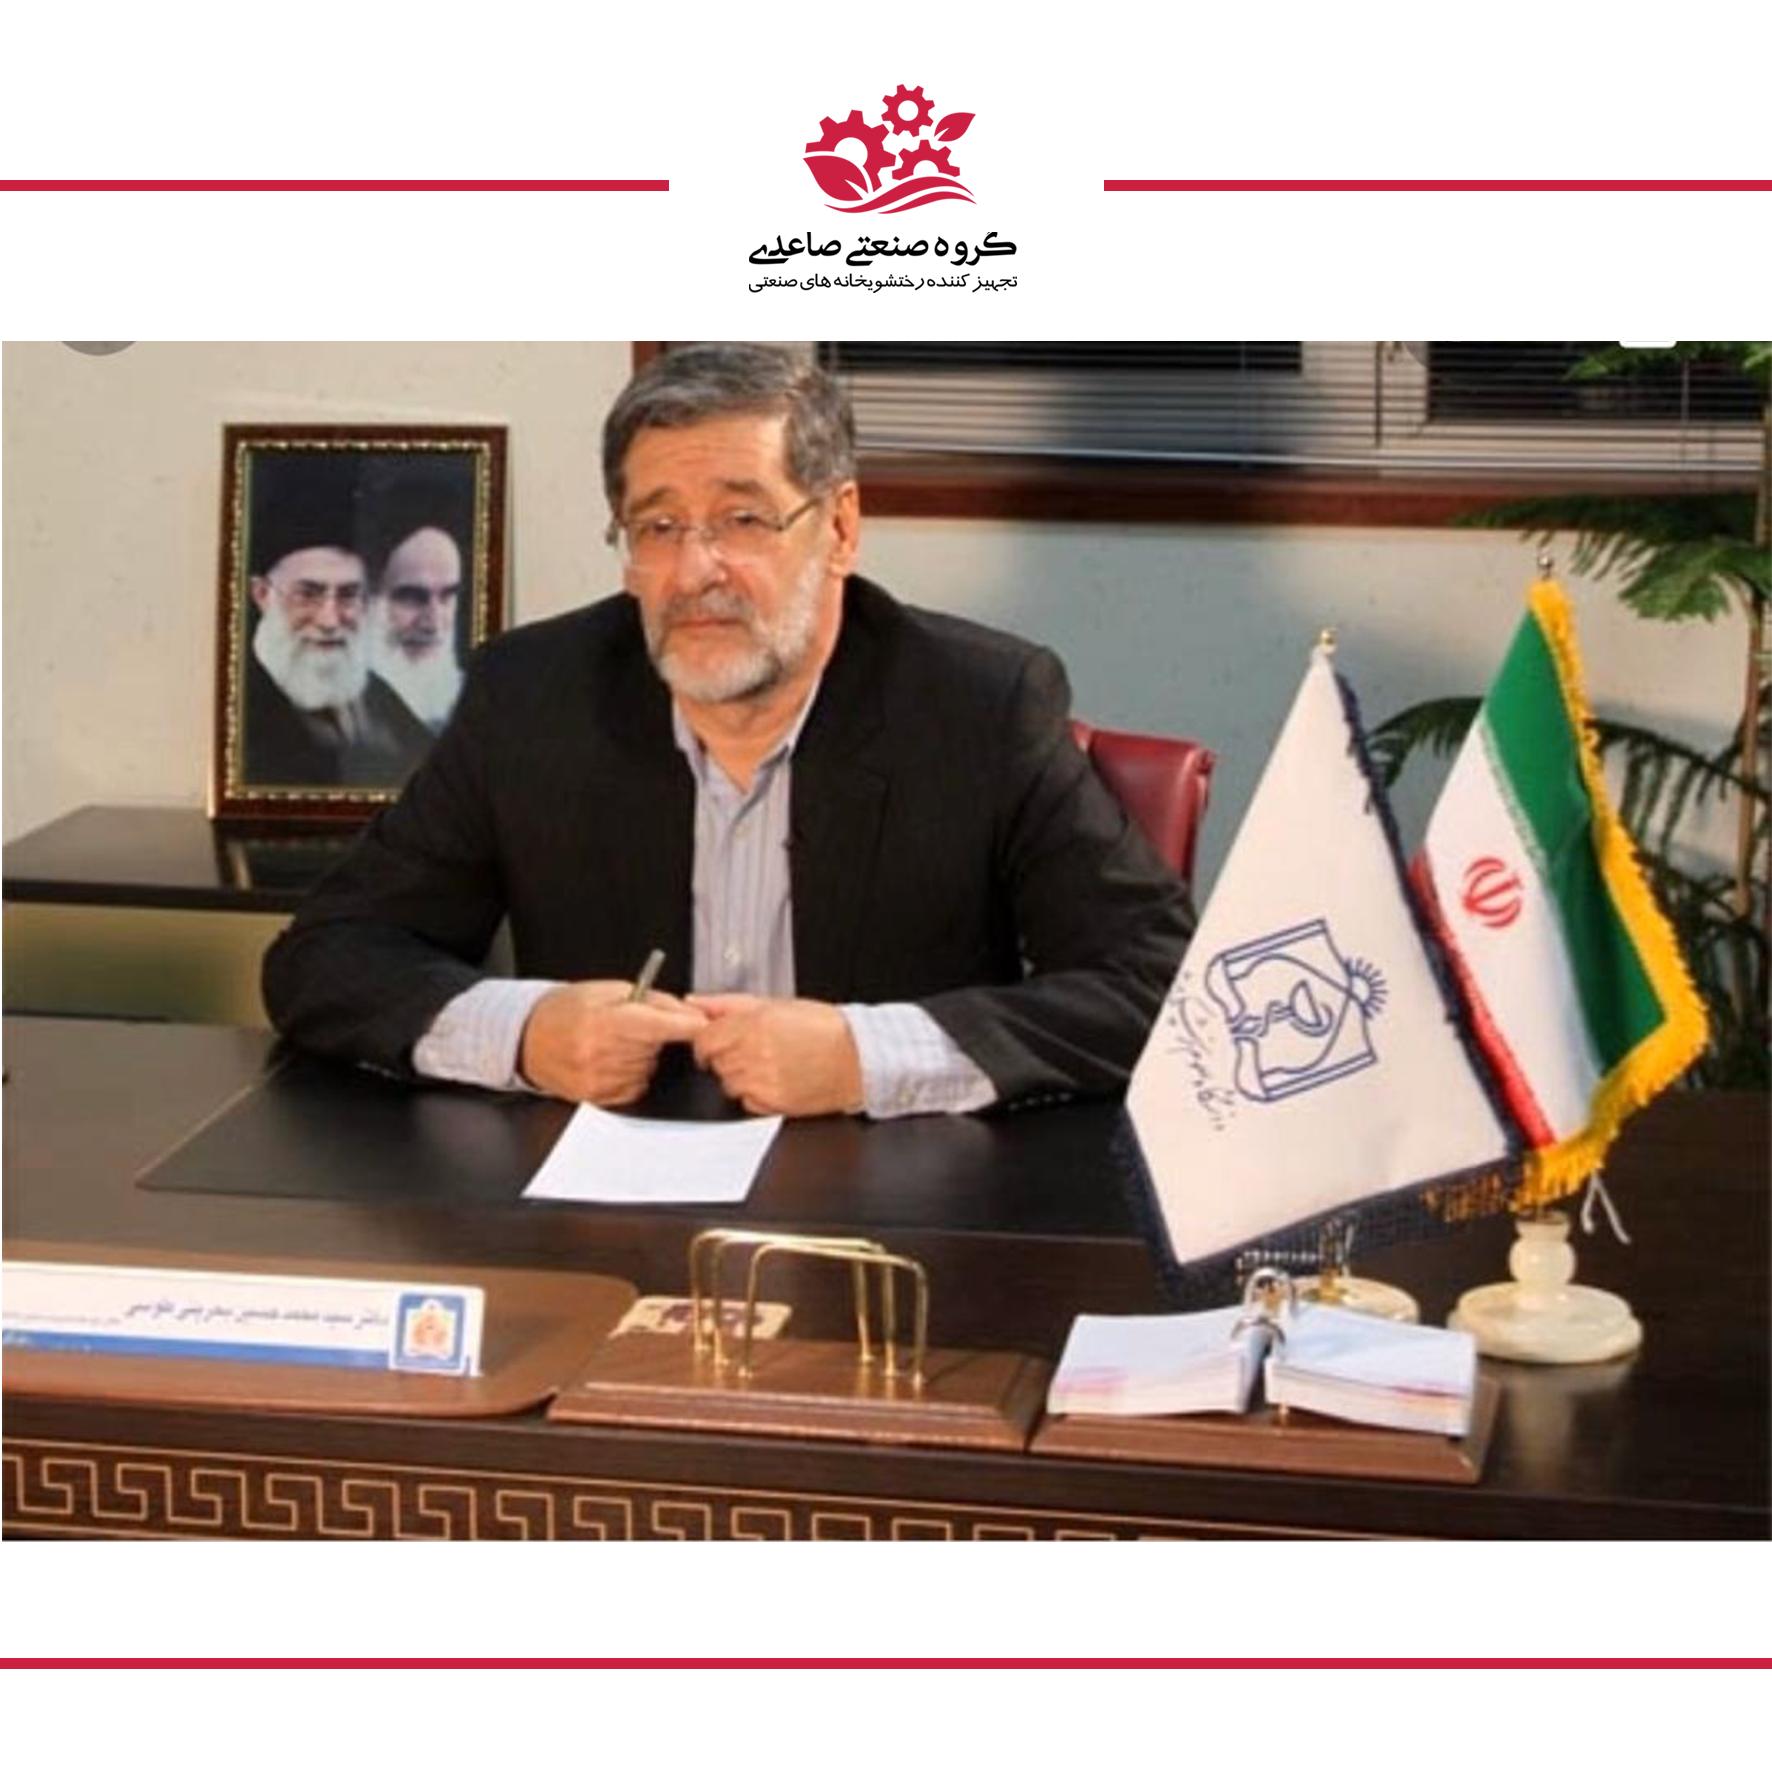 بازدید آقای دکتر بحرینی طوسی